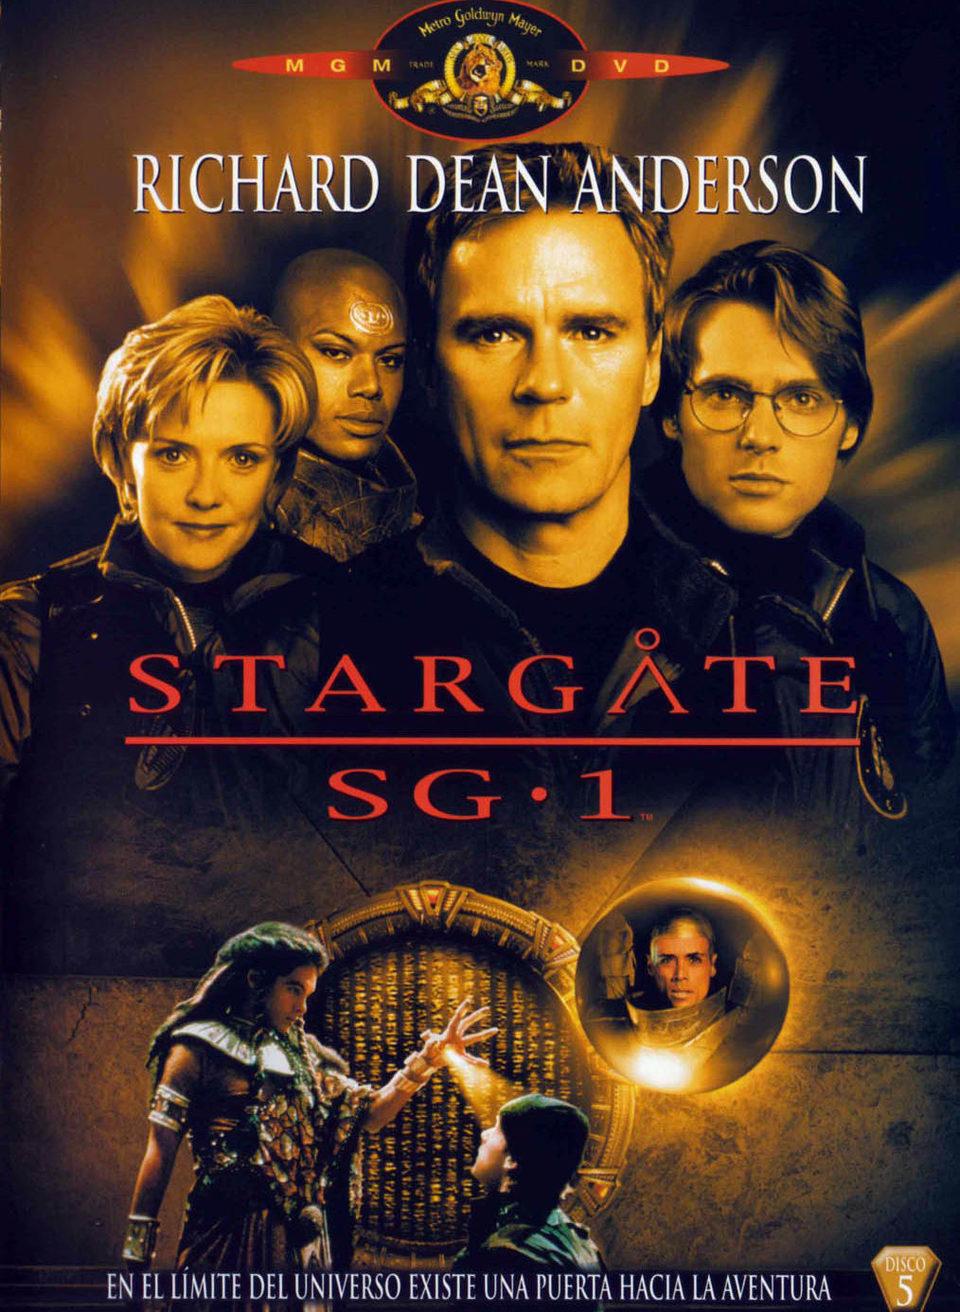 Cartel Temporada 1 de 'Stargate SG-1'